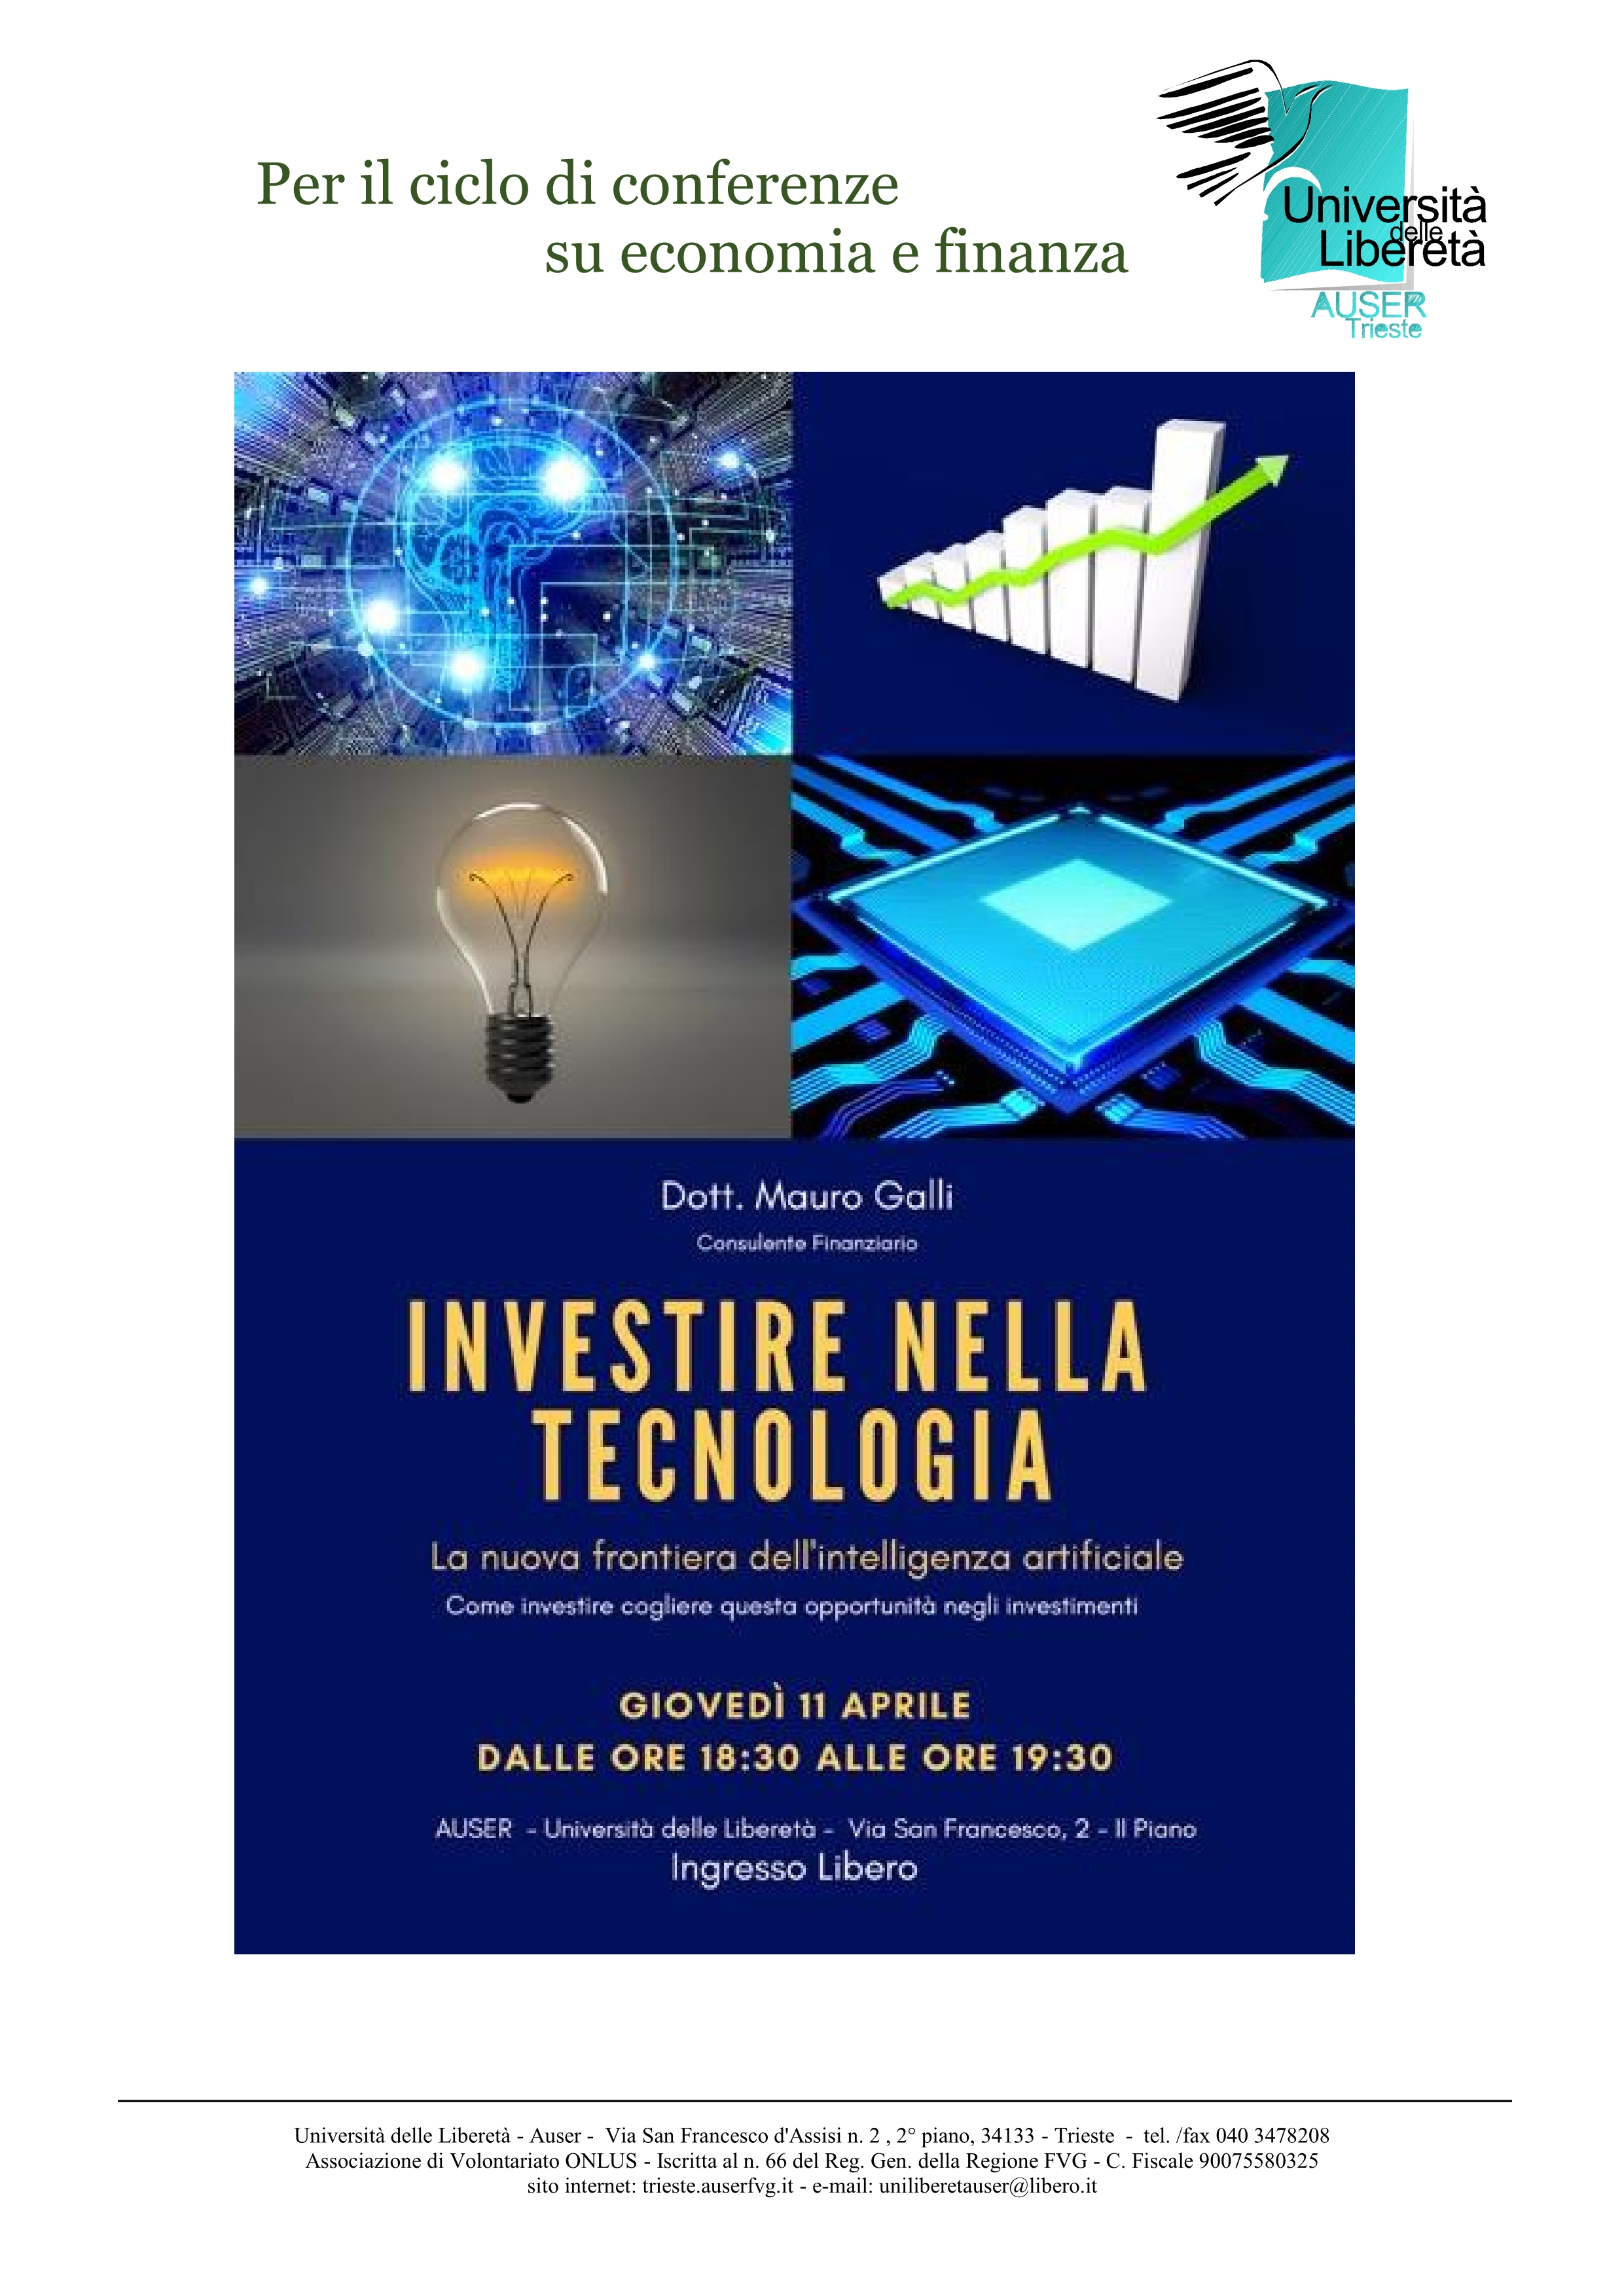 Economia investire nella tecnologia1